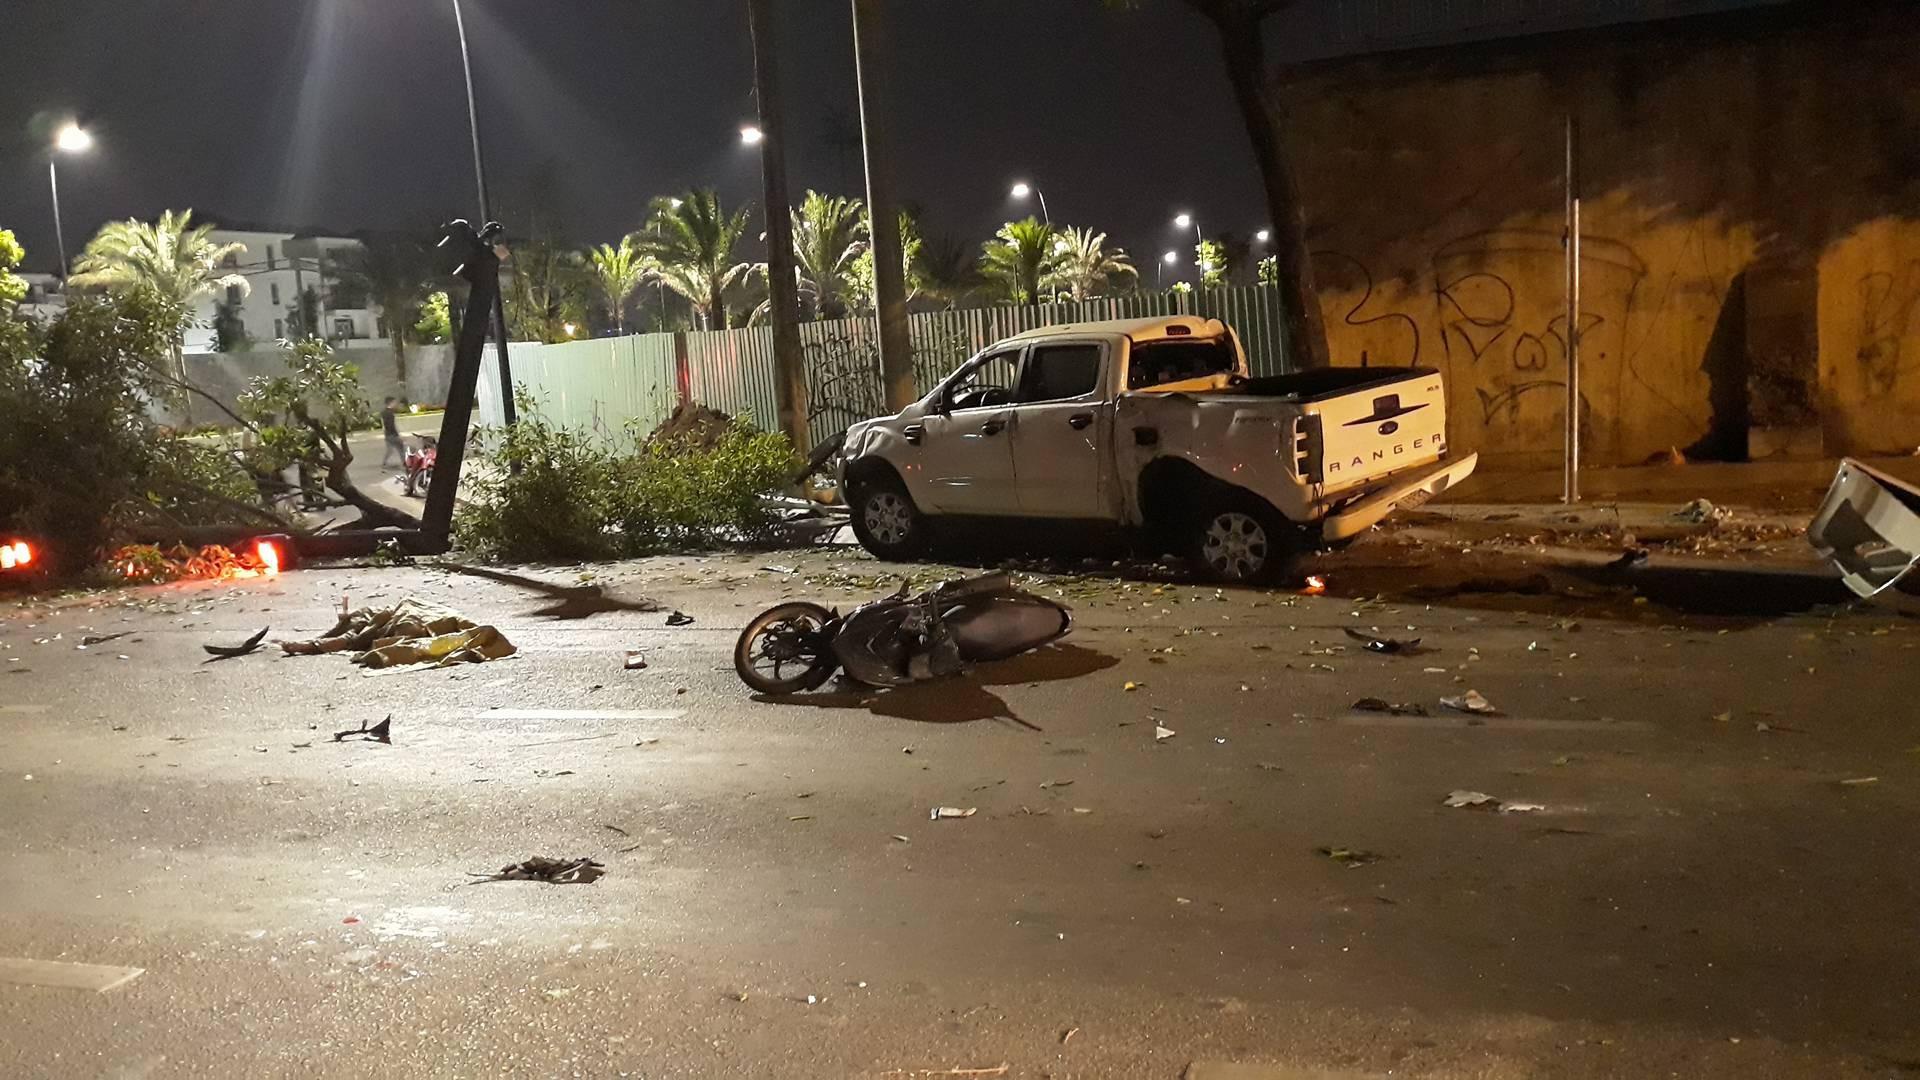 Ô tô húc văng nhiều xe máy ở Sài Gòn, tông gãy cây xanh, nhiều người nằm la liệt trên đường - Ảnh 2.